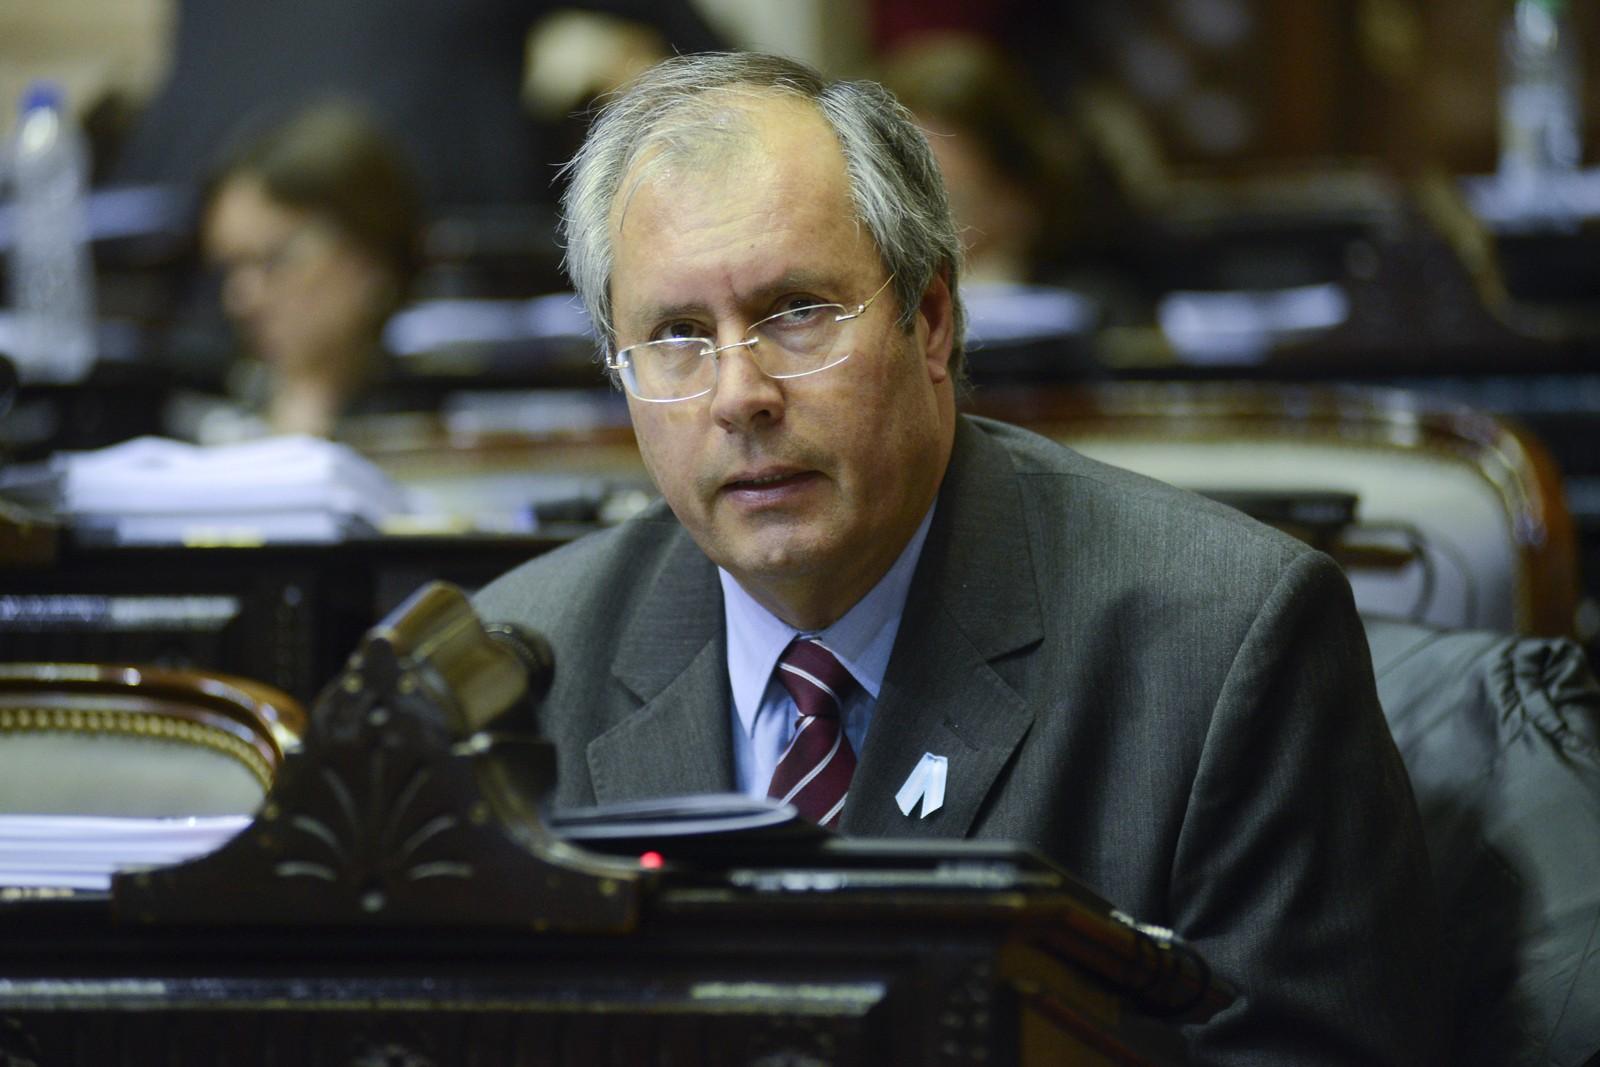 Hector Olivares, deputado federal argentino, durante sessão de comissão do Congresso em 2016, em Buenos Aires — Foto: Associated Press